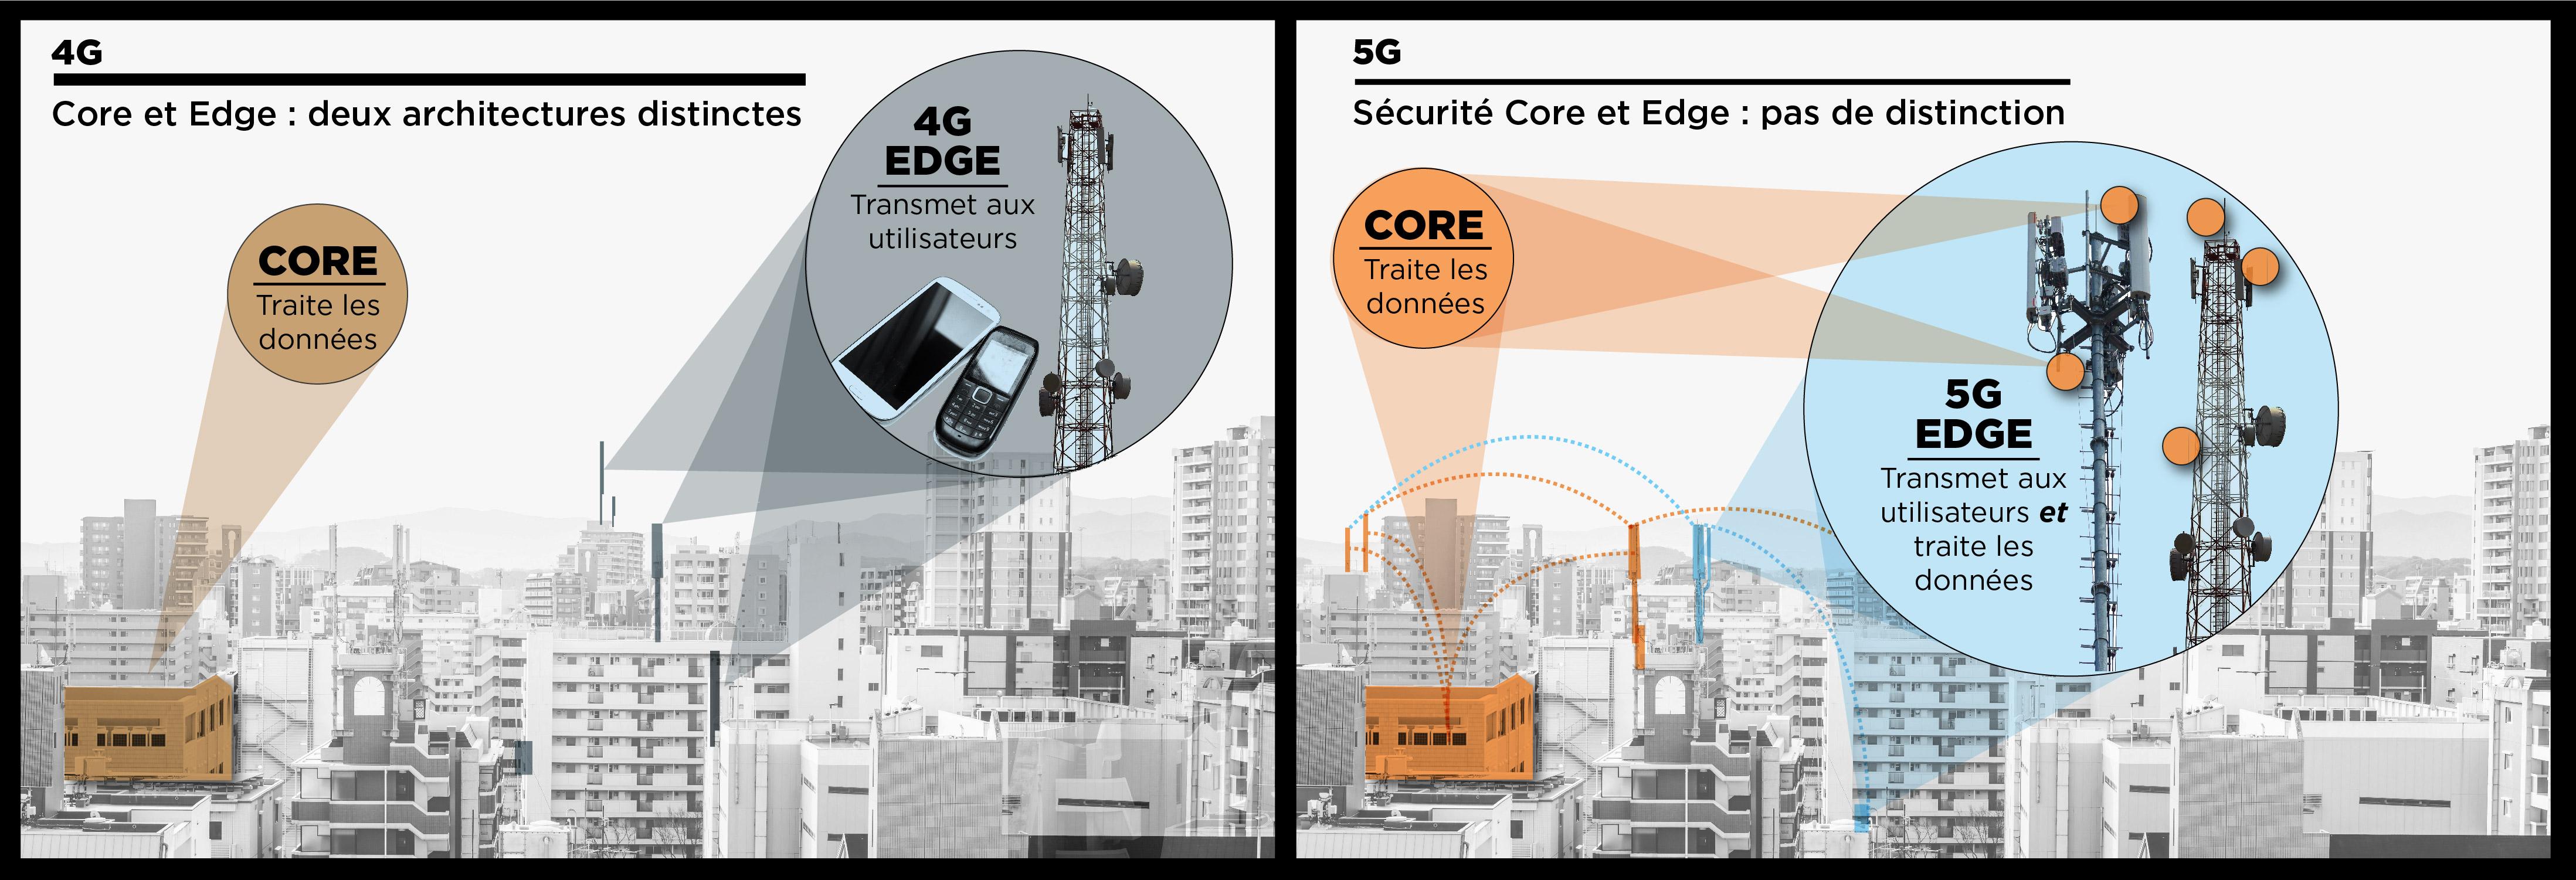 Infographie montrant des paysages urbains et du texte comparant les réseaux 4G et 5G (Département d'État/S. Gemeny Wilkinson)